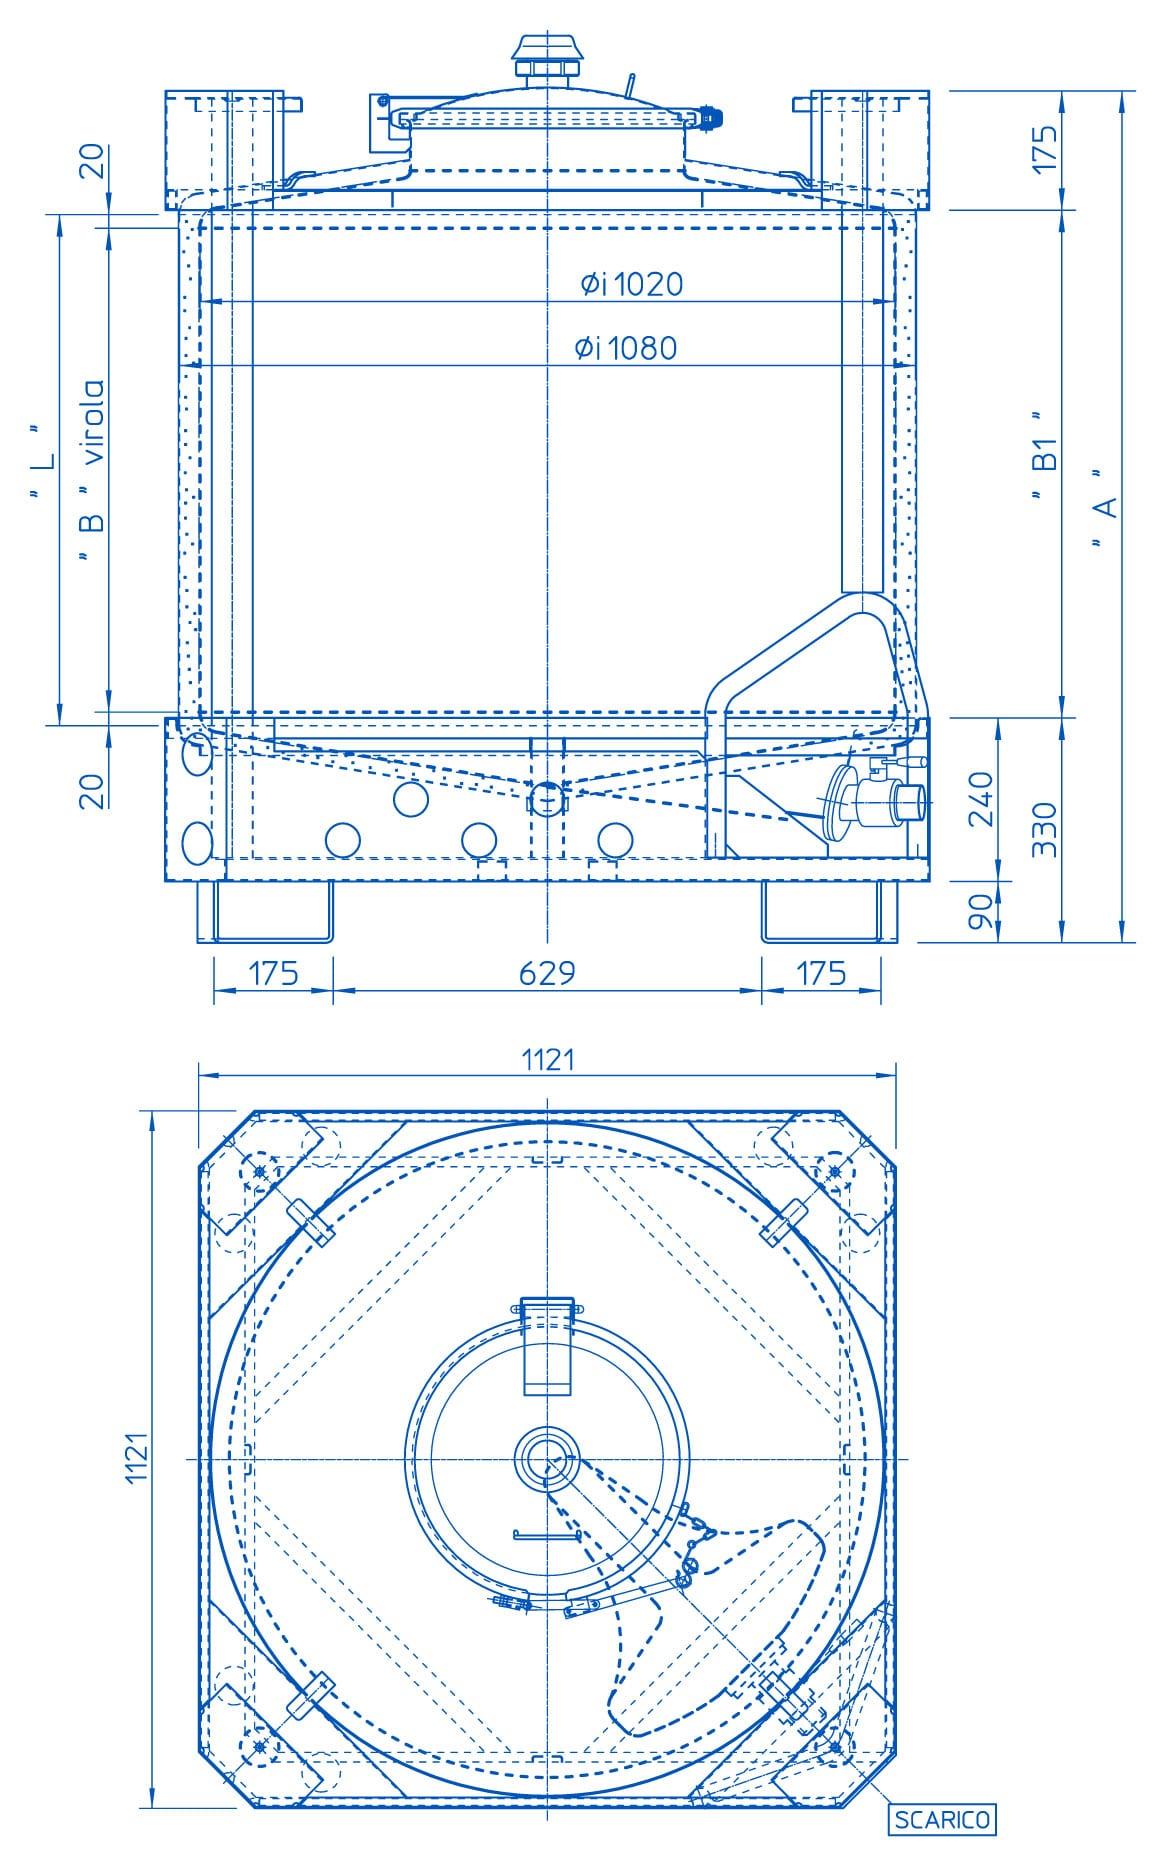 azzini s p a contenitori pallettizzabili formato standard